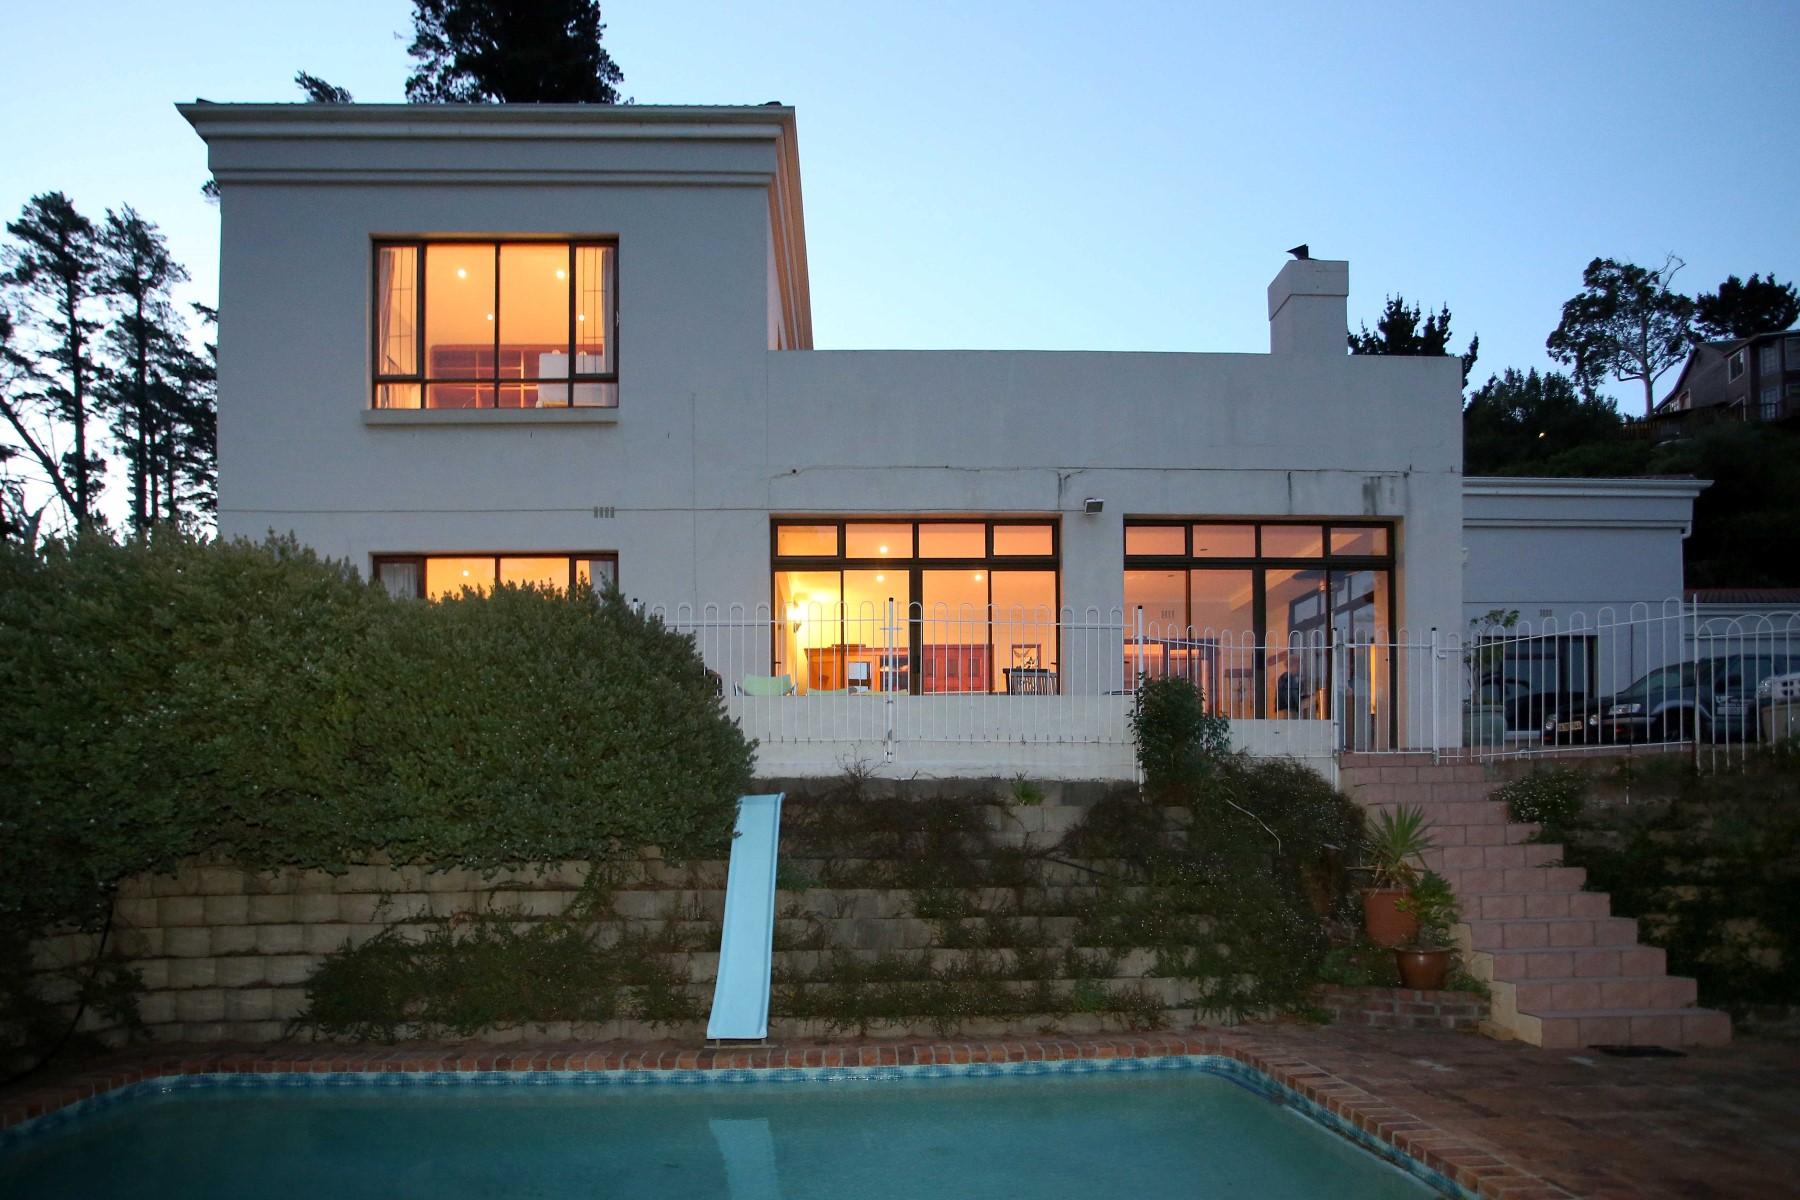 一戸建て のために 売買 アット A house in Hout Bay Hout Bay, 西ケープ, 7806 南アフリカ